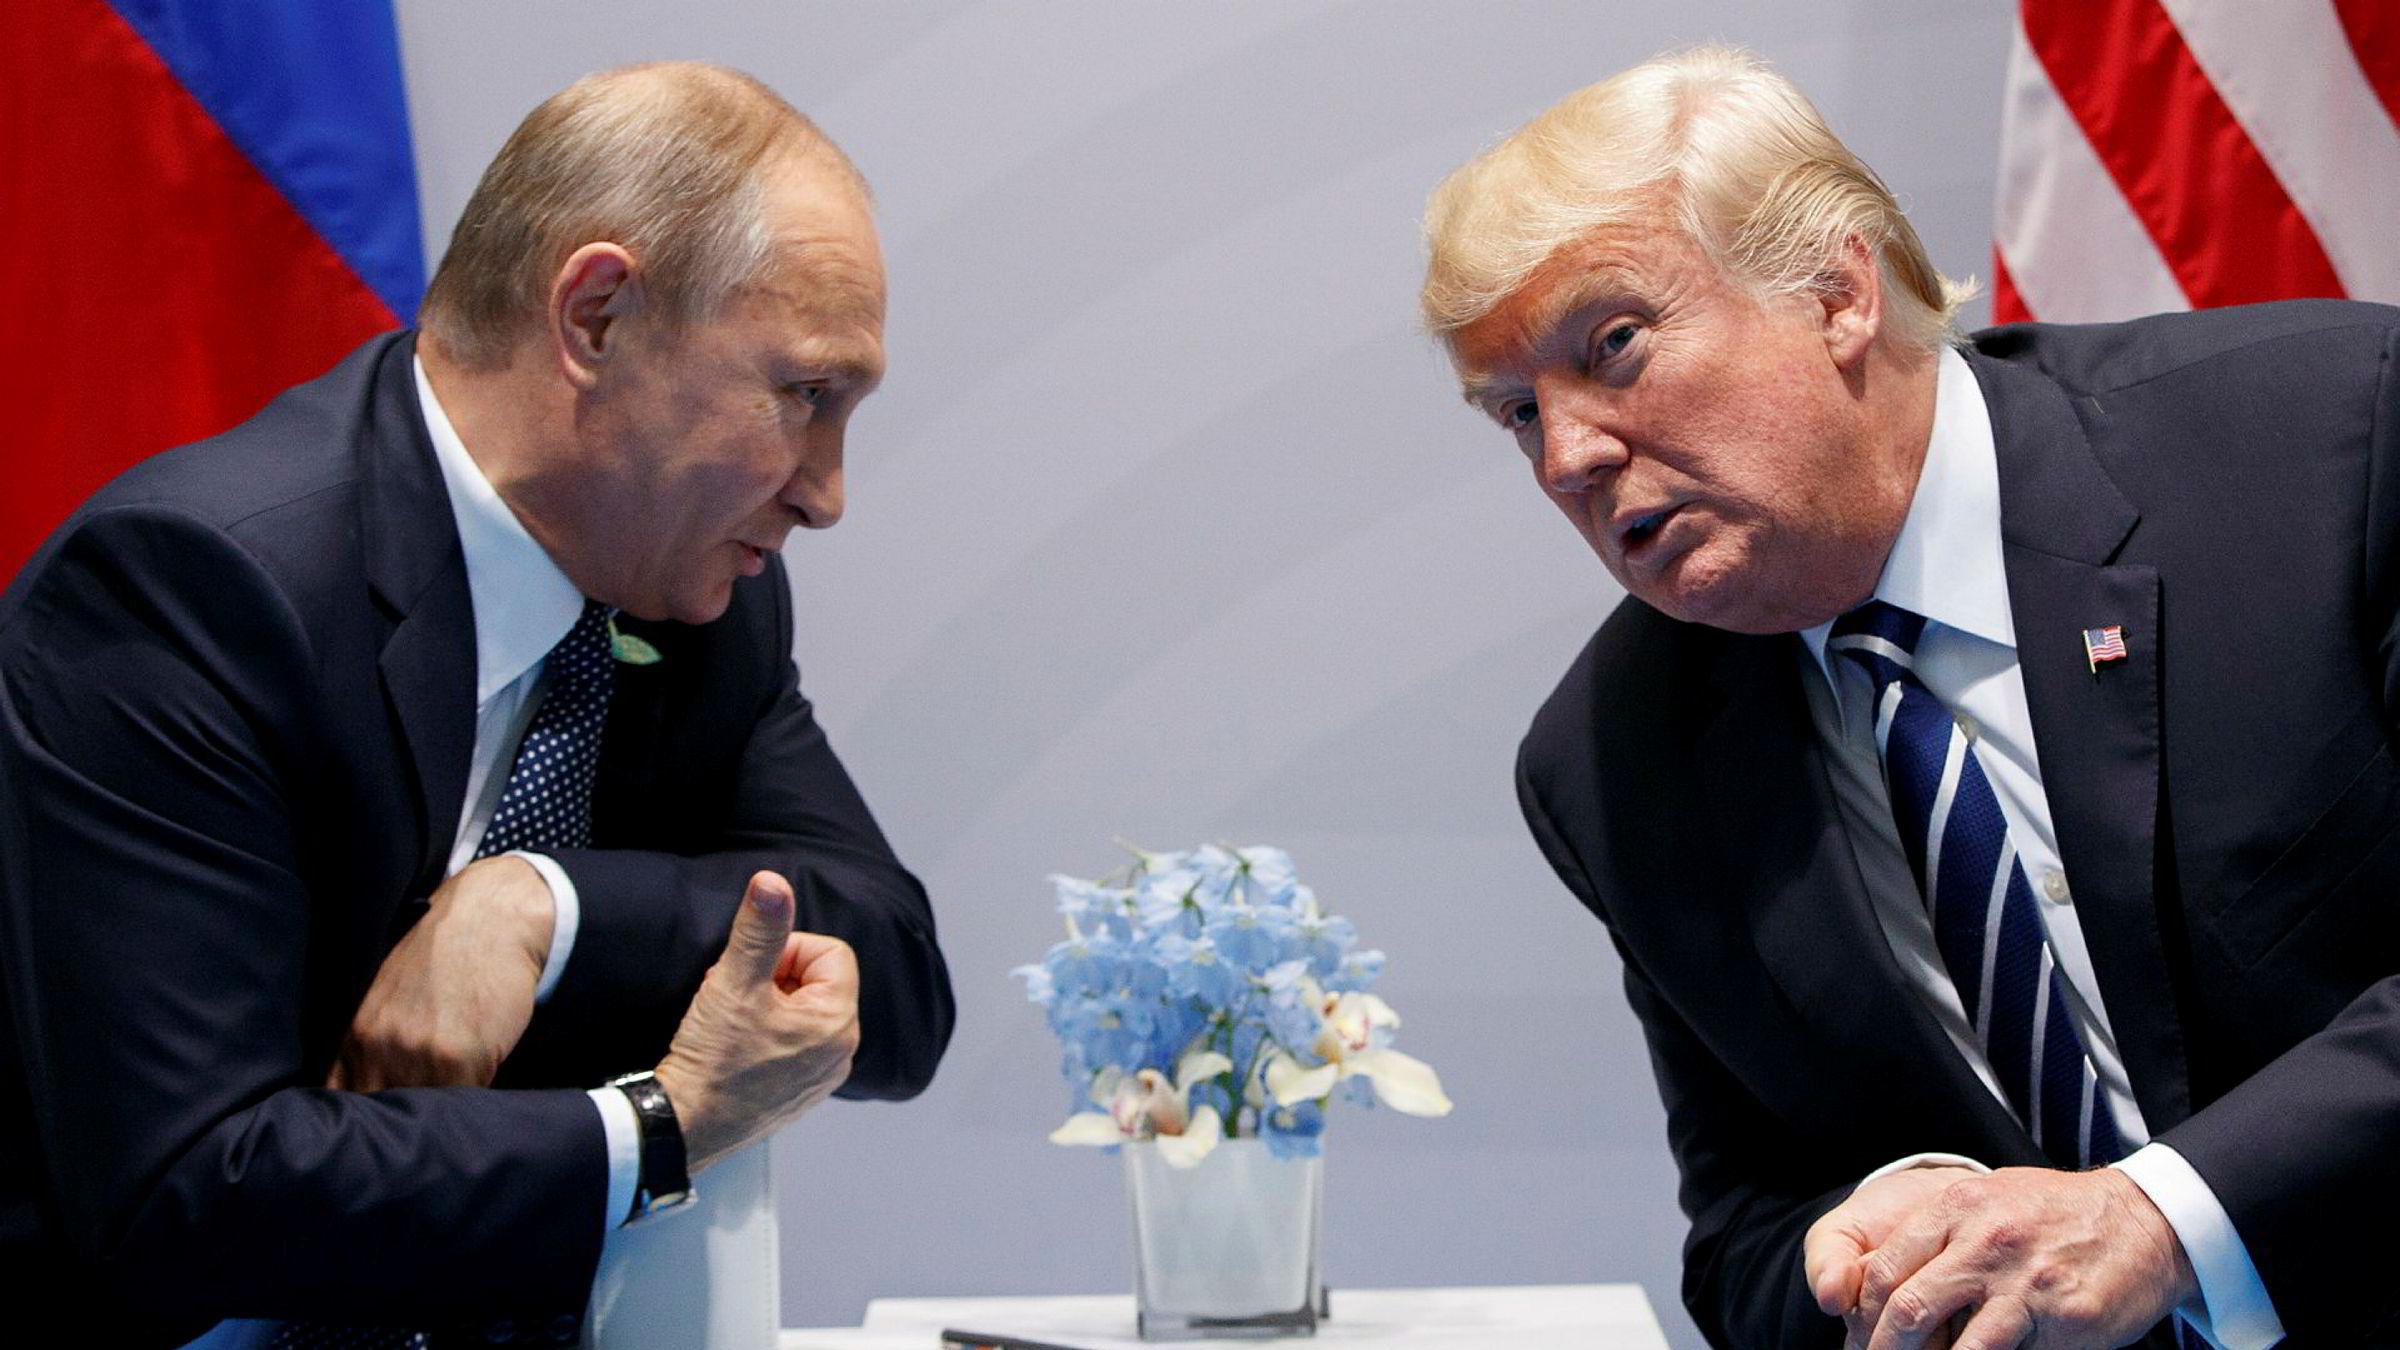 Russlands president Vladimir Putin i samtale med USAs president Donald Trump. Ifølge Washington Post skal et selskap med forbindelser til Kreml ha blandet seg inn i den amerikanske vagkampen og sådd splid. Donald Trump har så langt vært skeptisk til påstander om russisk innblanding.